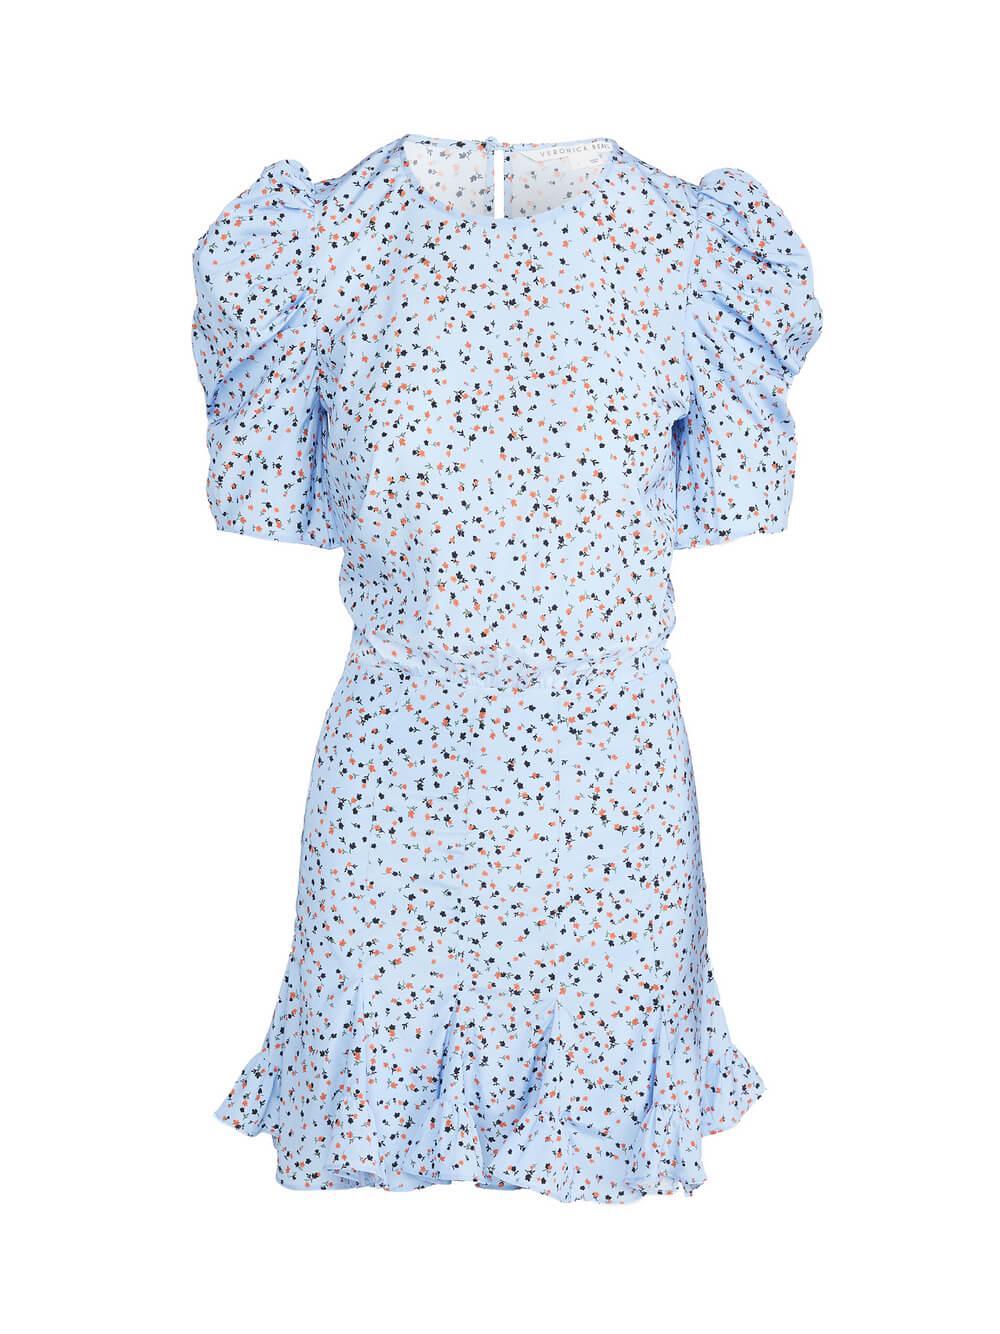 Lila Dress Item # 2005SDC012685